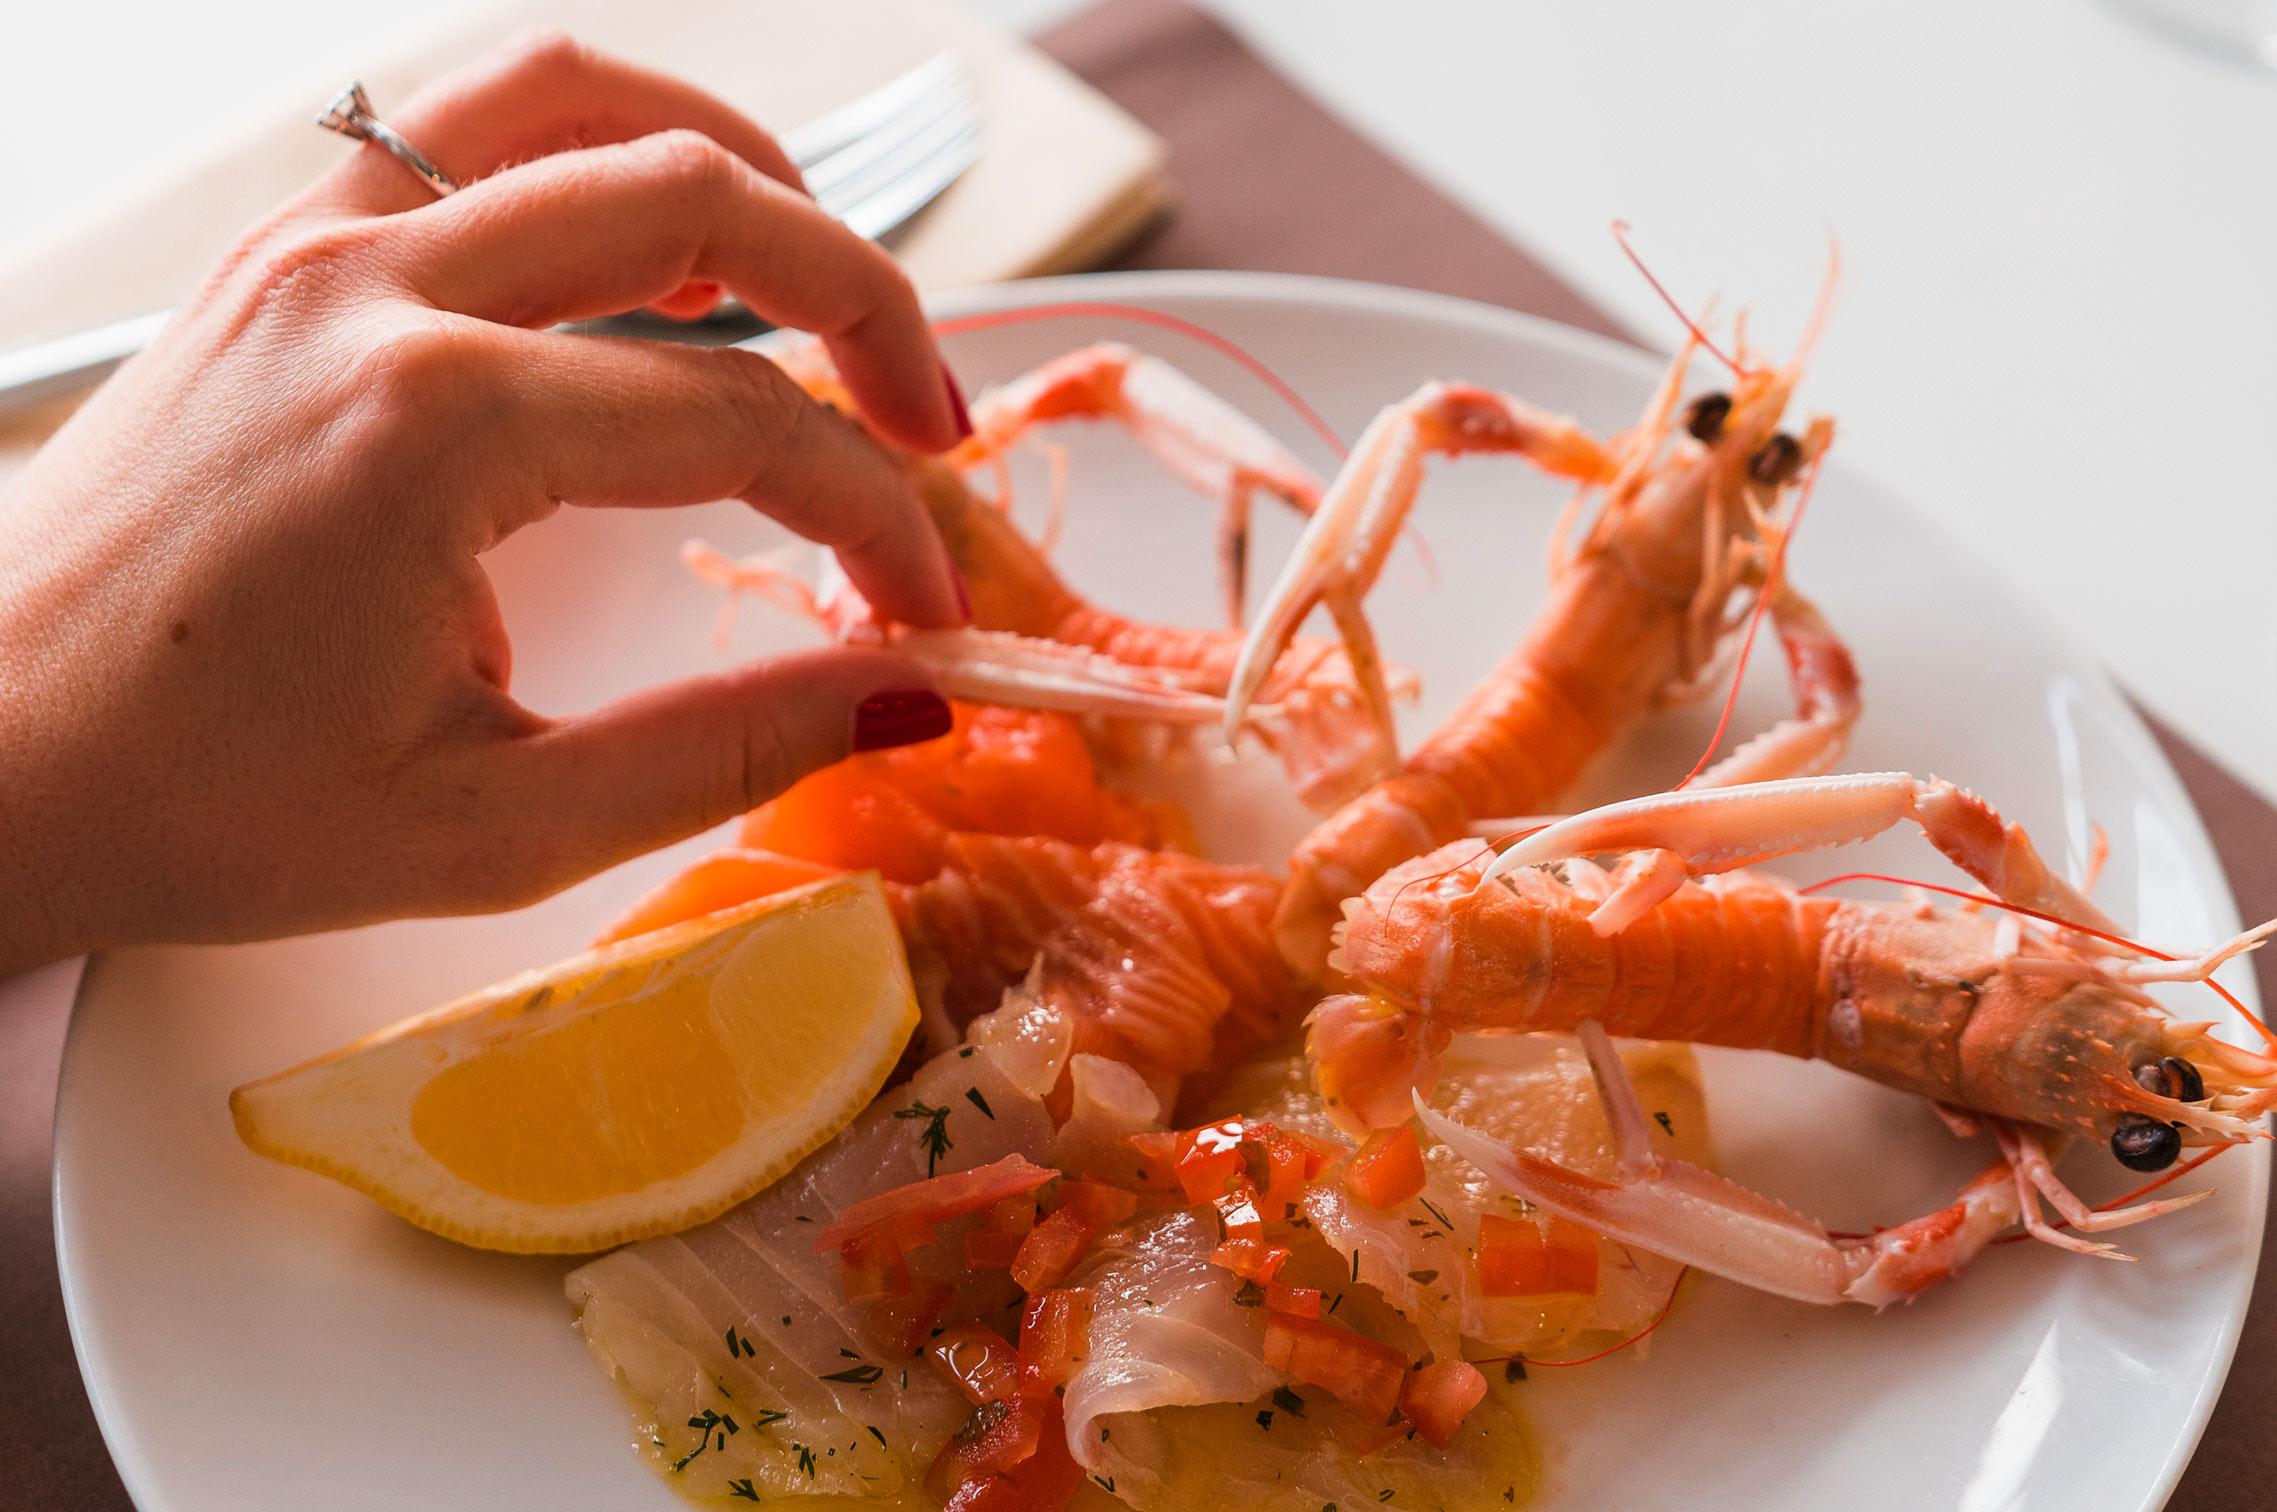 Restaurant Novotel Thalassa île d'Oléron fruits de mer